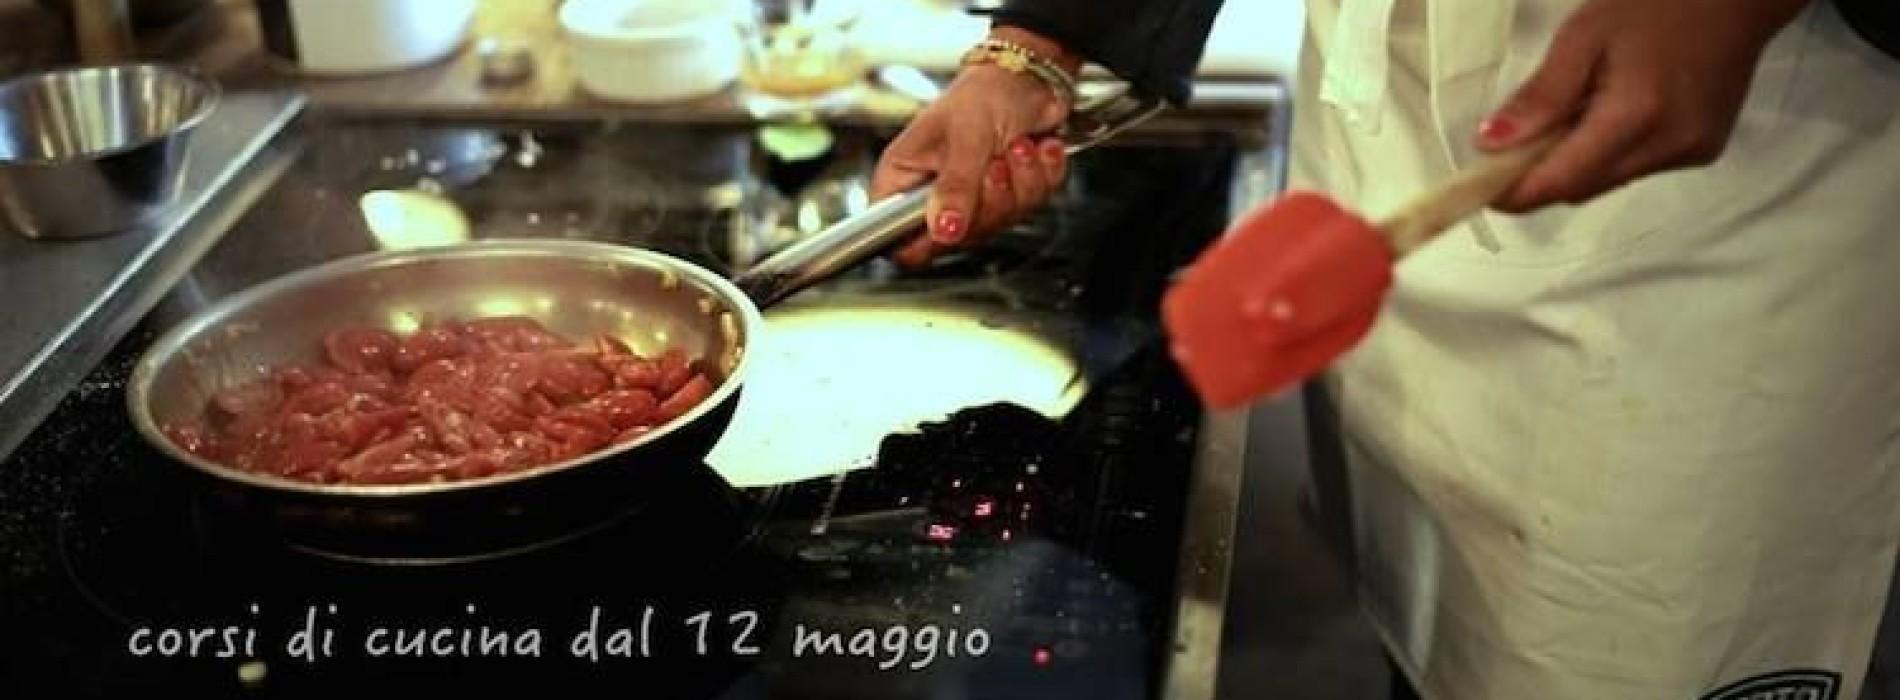 Cene e aperitivi della settimana a roma - Corsi di cucina genova ...